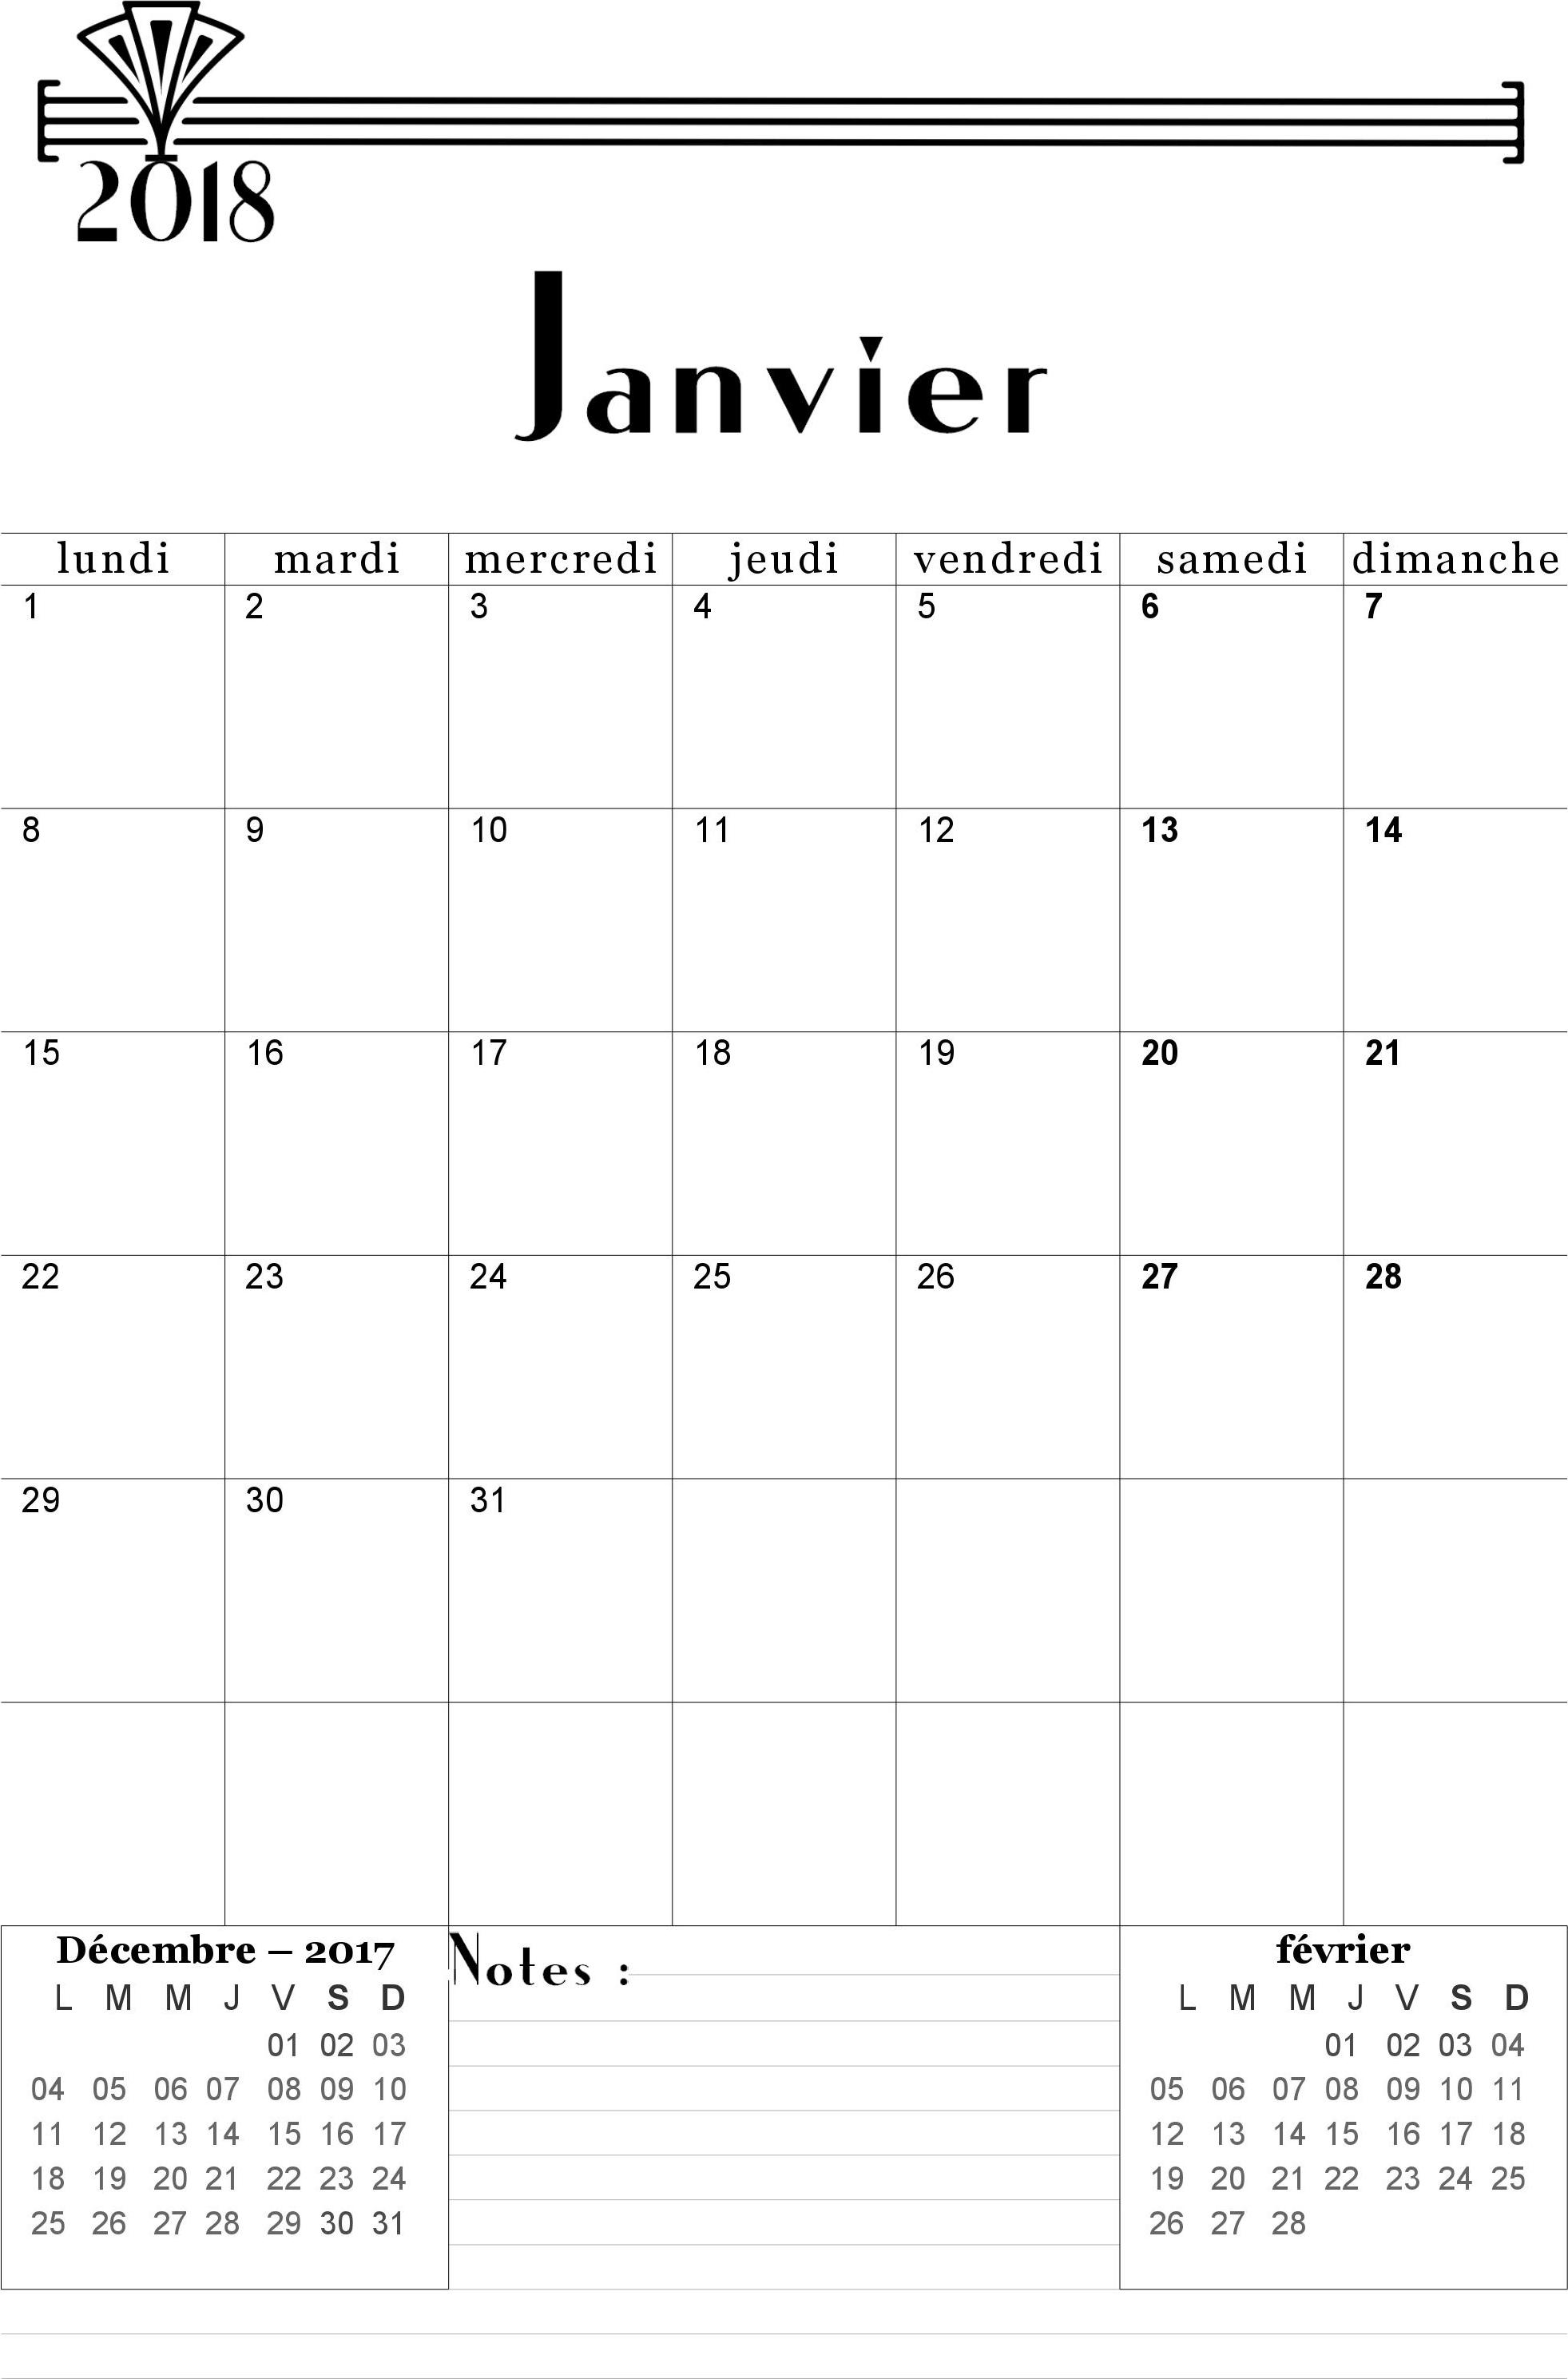 Bien-aimé Calendrier 2017-2018 mensuel à imprimer gratuitement - Calendriers  PC76